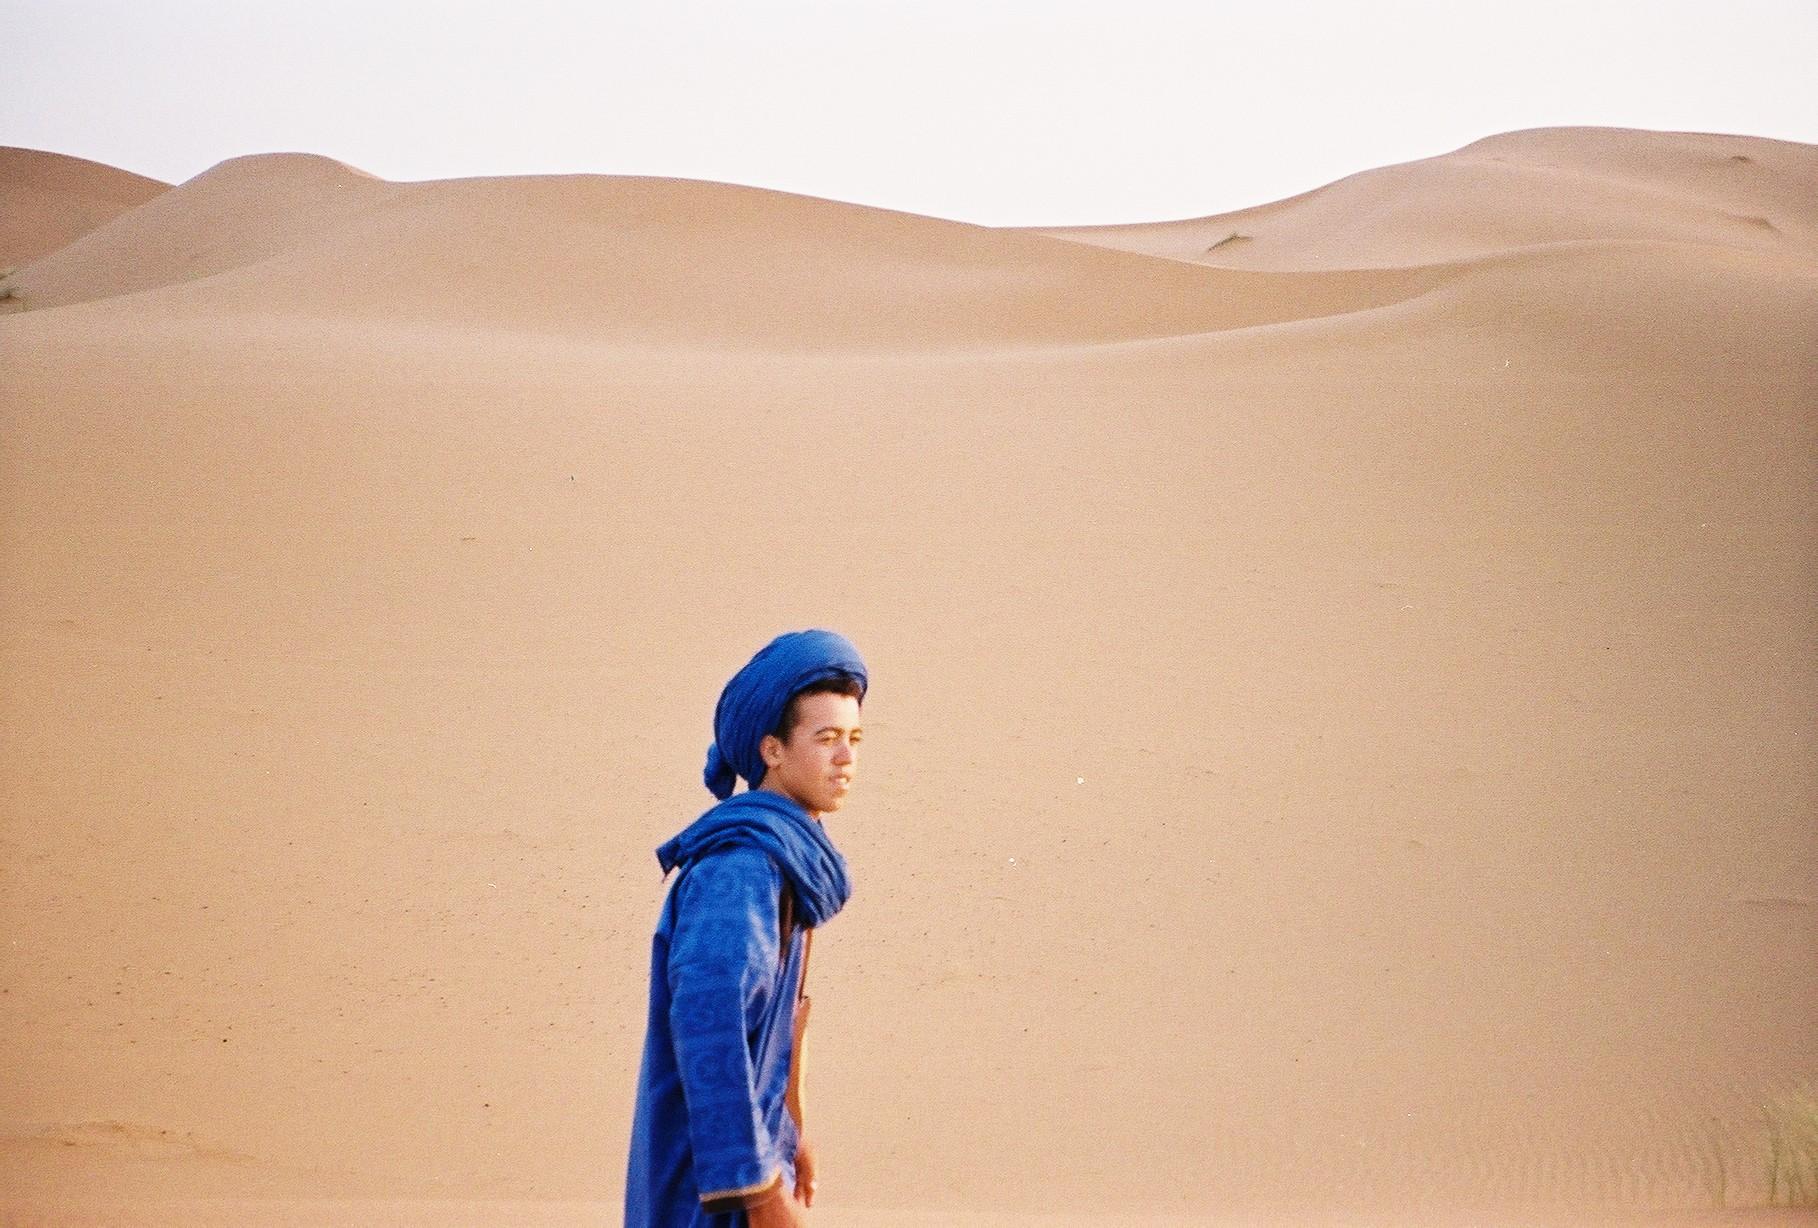 Сахара Фото, Марокко фото, Люди в пустыне фото